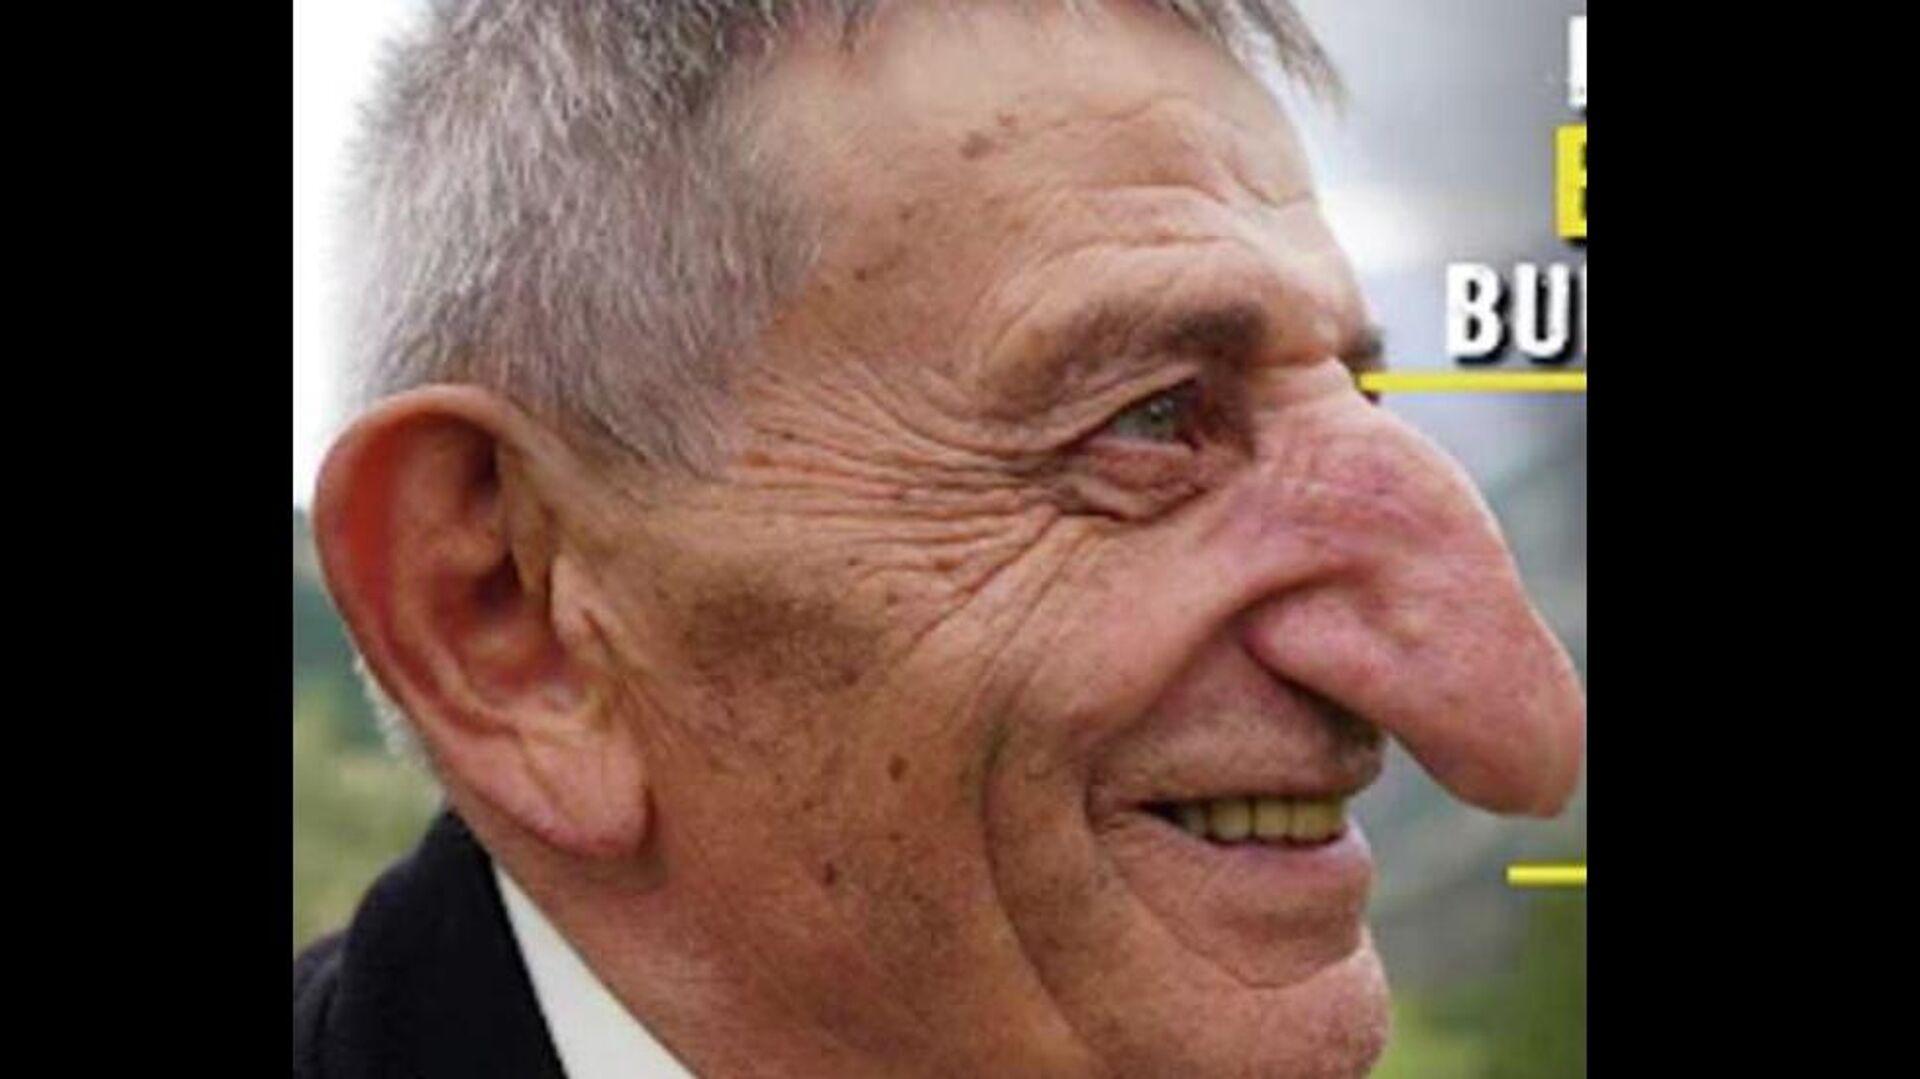 Ο 71χρονος Μεχμέτ Οζιουρέκ από την Τουρκία είναι ο άνθρωπος με τη μεγαλύτερη μύτη στον κόσμο - Sputnik Ελλάδα, 1920, 07.10.2021